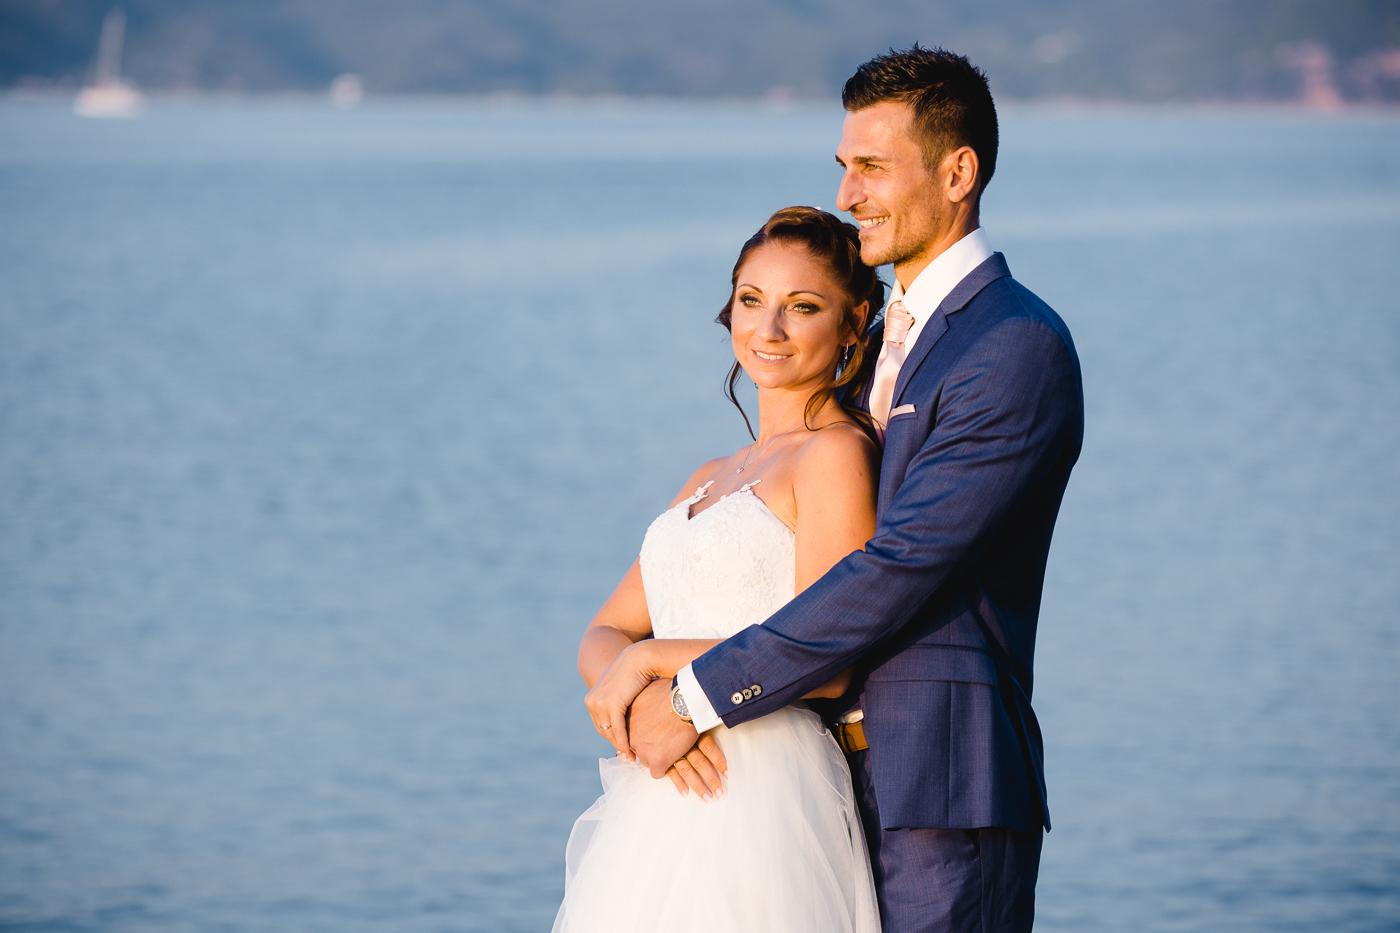 Hochzeitspaar geniesst den Moment und wird fotografiert vom Fotografen Markus Winkelbauer